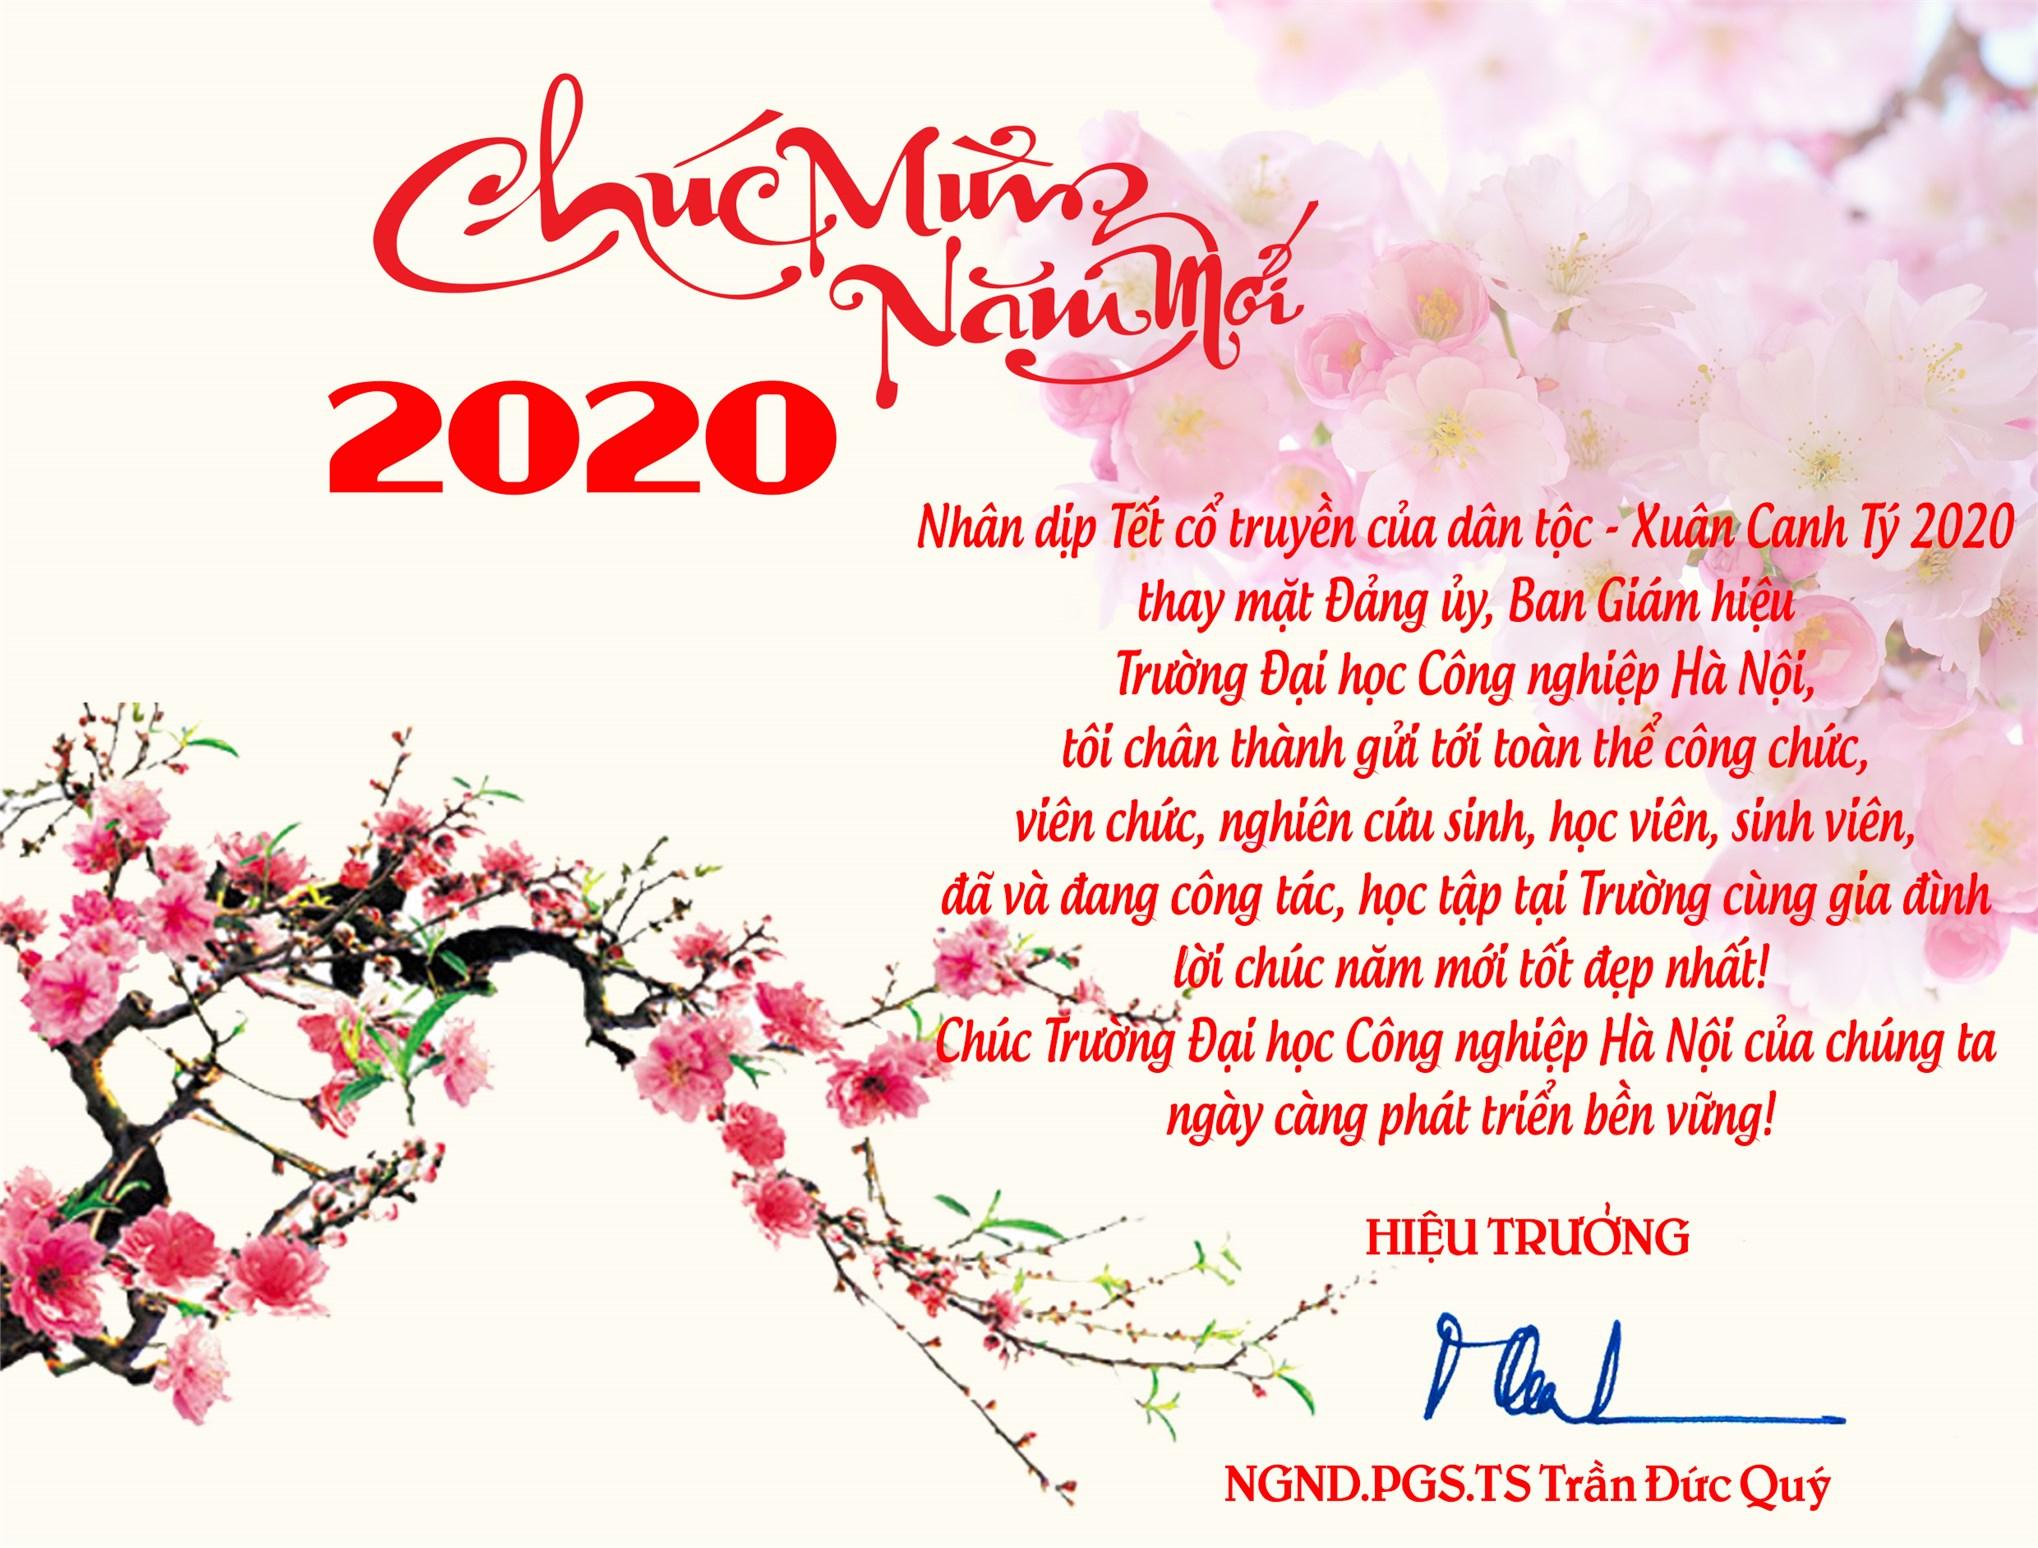 Thiệp chúc xuân Hiệu trưởng trường Đại học Công nghiệp Hà Nội